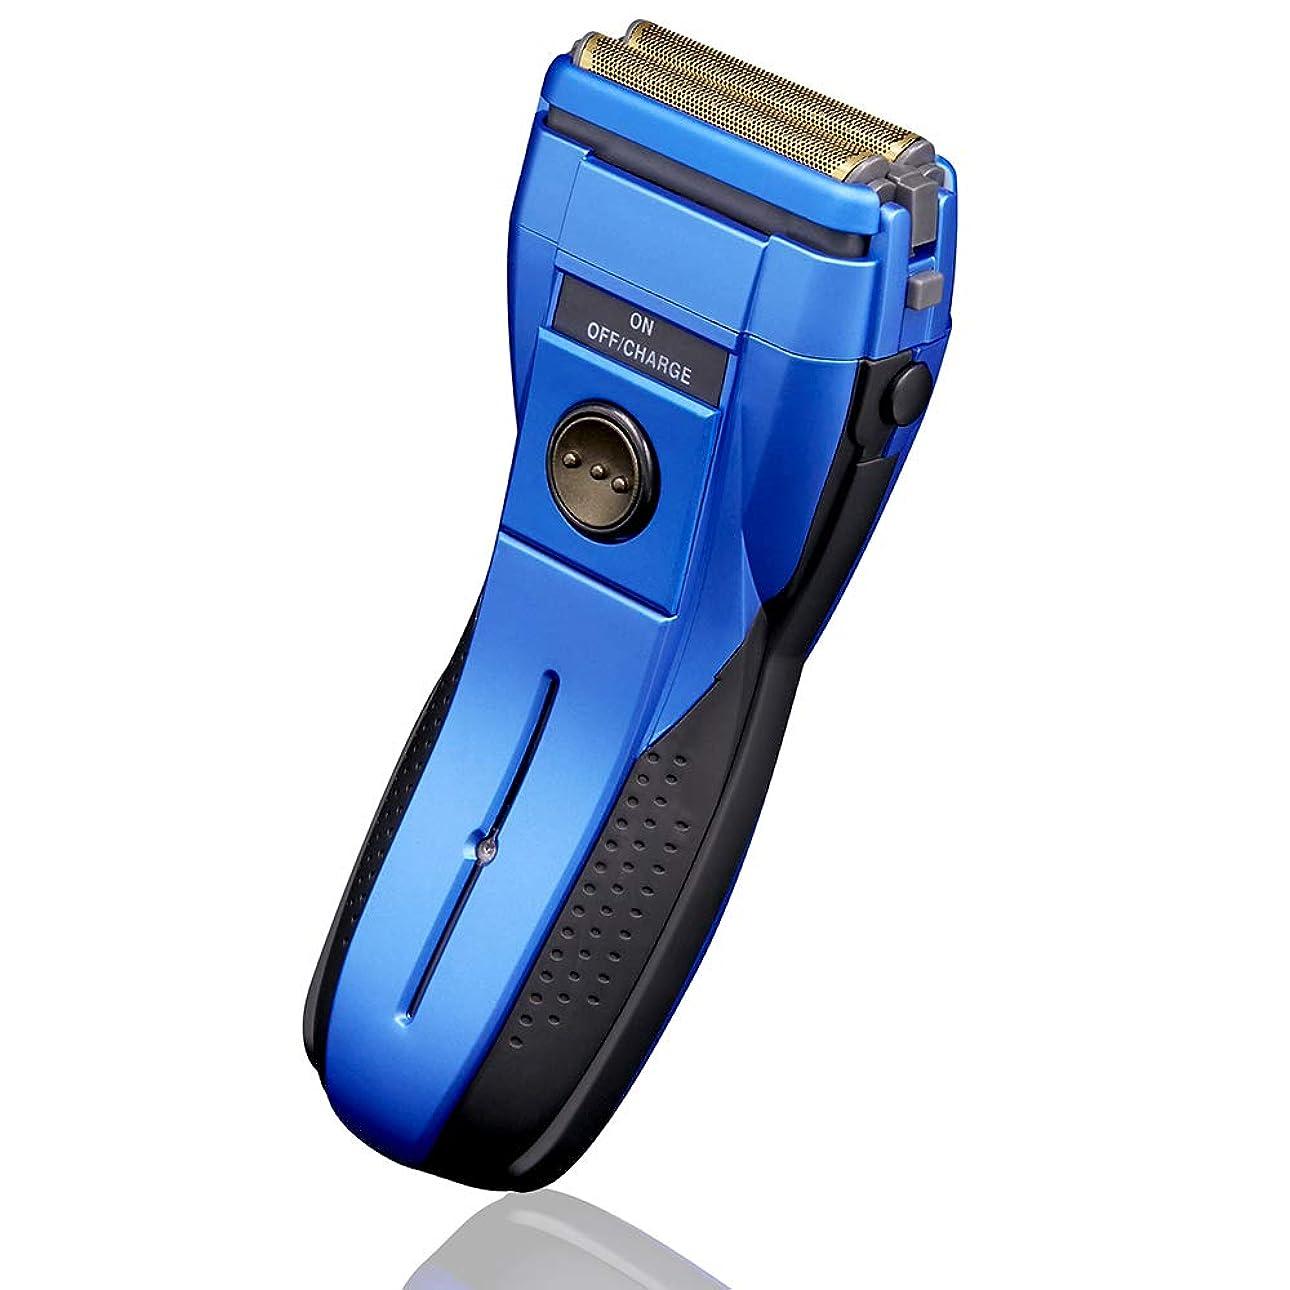 レルム繰り返す発行電気シェーバー 2枚刃 髭剃り メンズシェーバー 替え刃付属付き 水洗い対応 ウォッシャブル 充電式 独立フローティング2枚刃 (Blue)